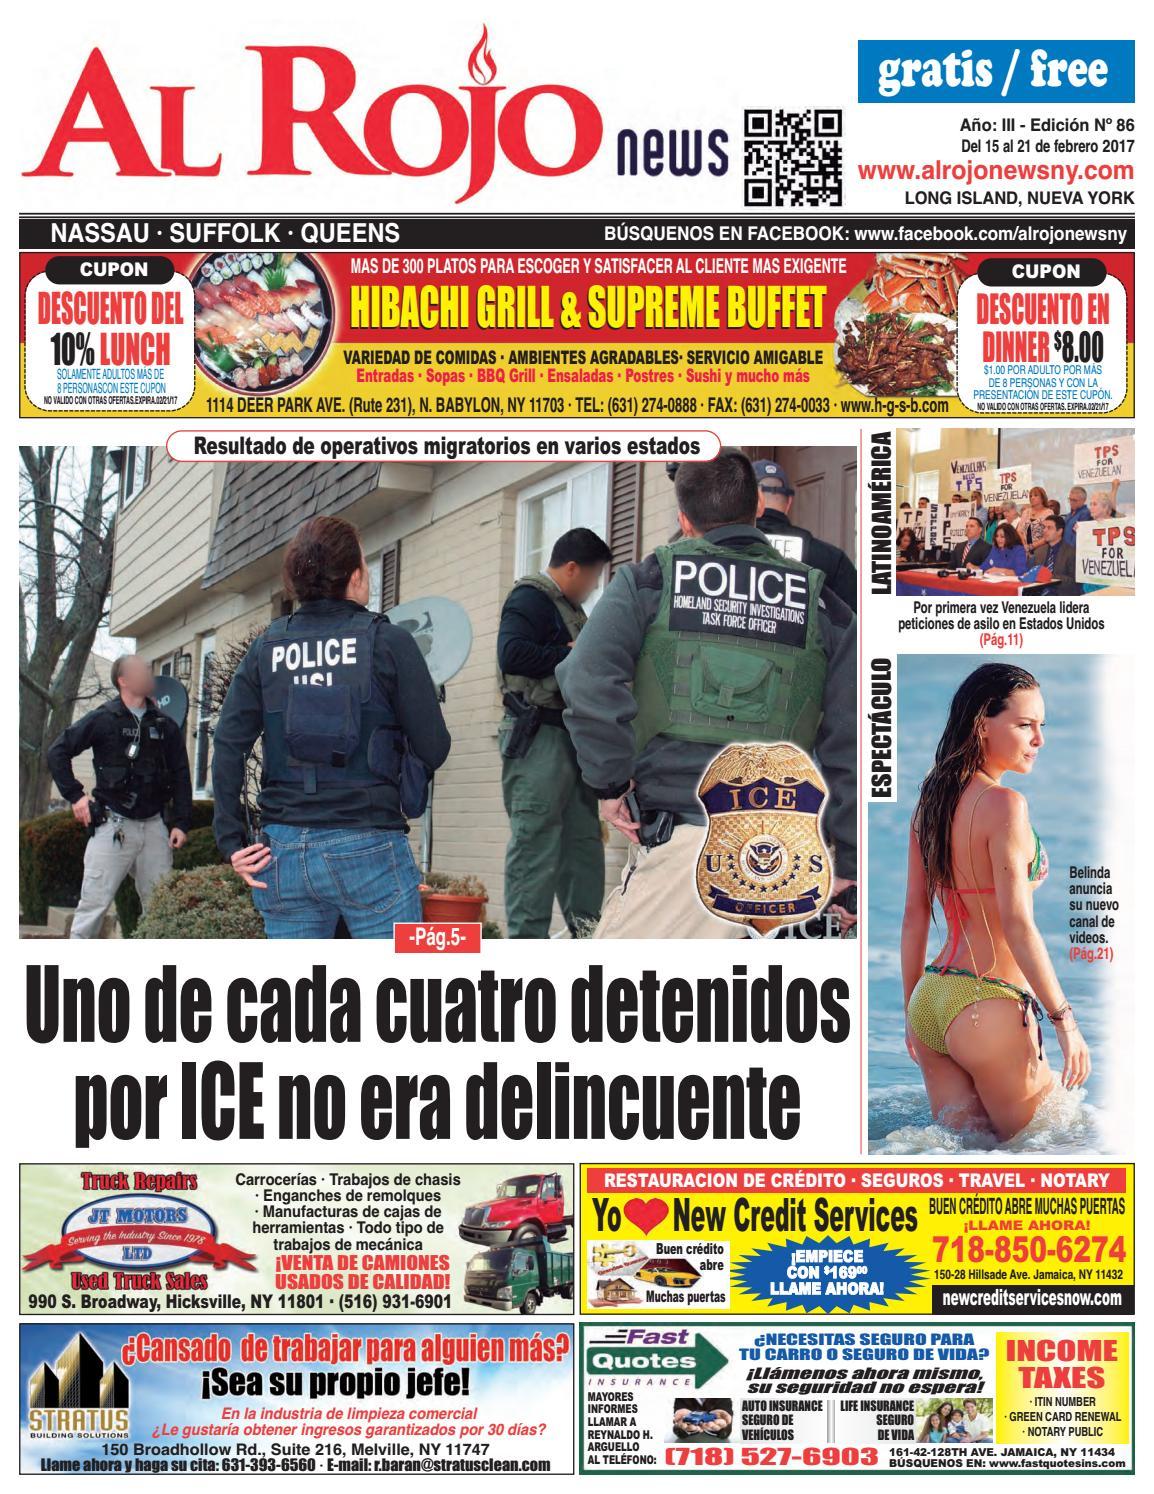 Al Rojo News año III edición 86 by Jose Rivas - issuu